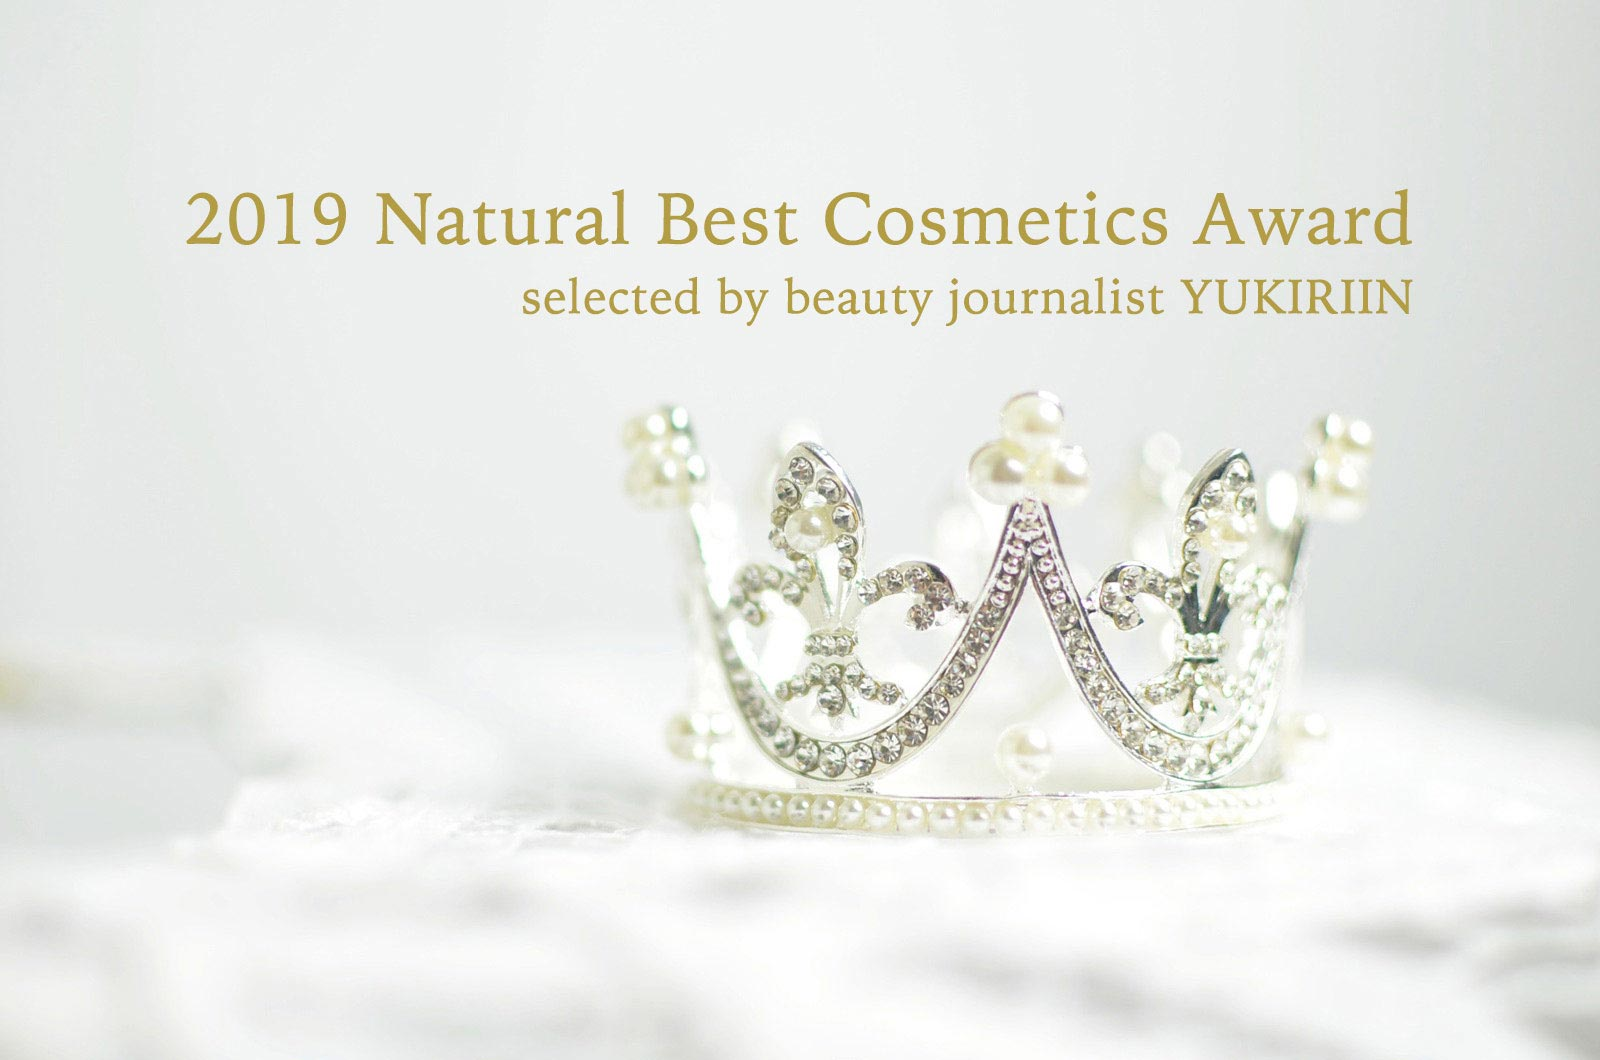 美容ジャーナリストYUKIRINが選ぶ『2019年ナチュラルベストコスメ大賞』